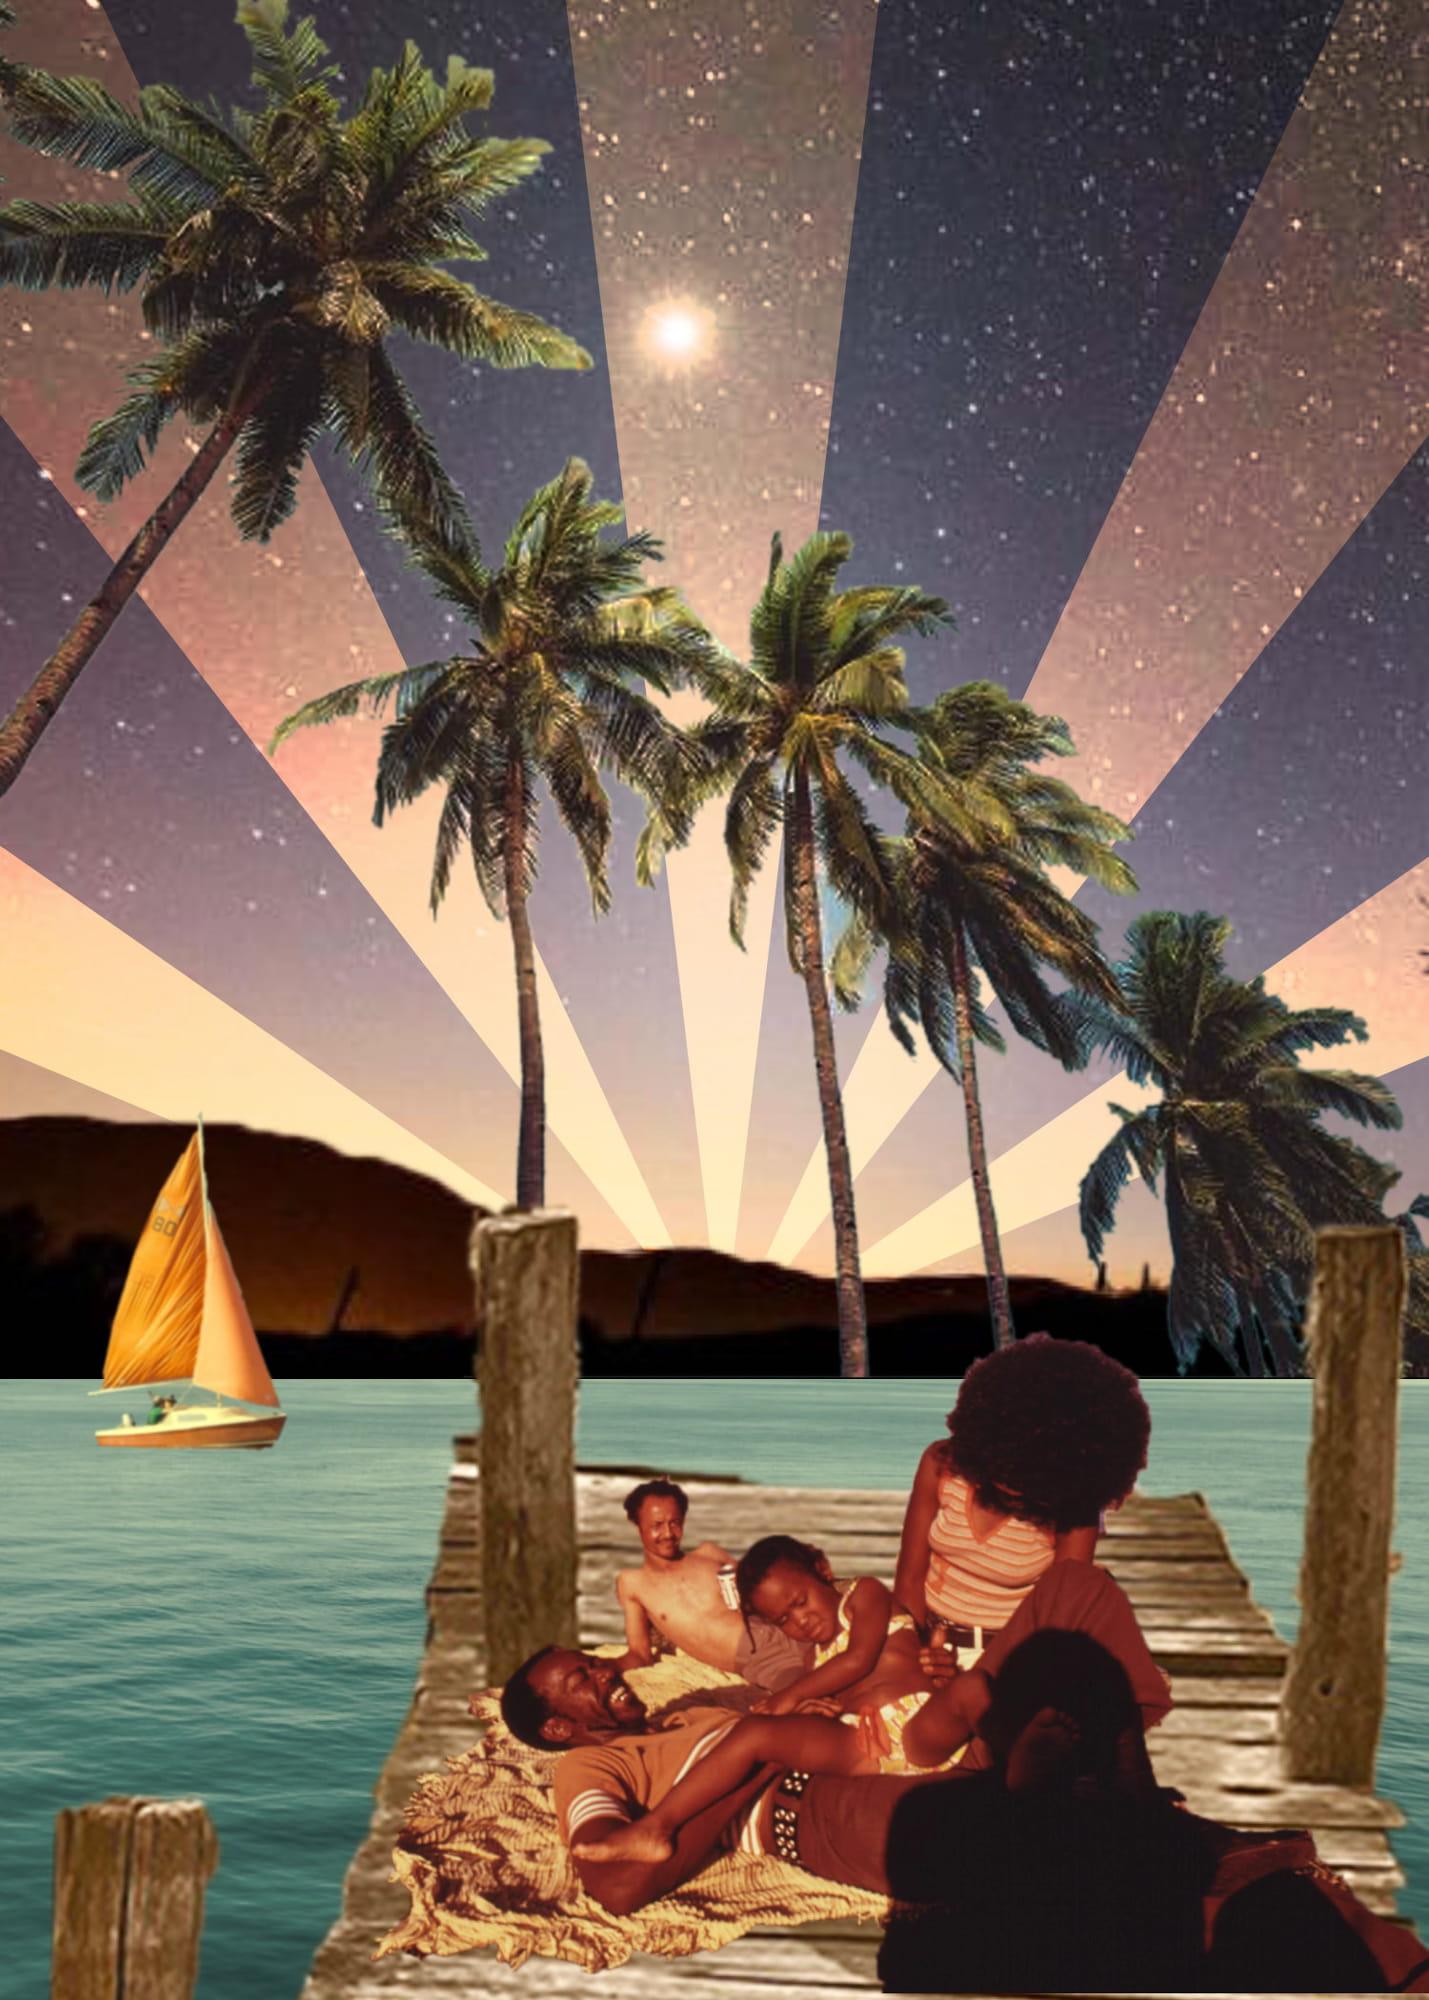 Digital collage of a scene by the ocean by Lauren Lakin